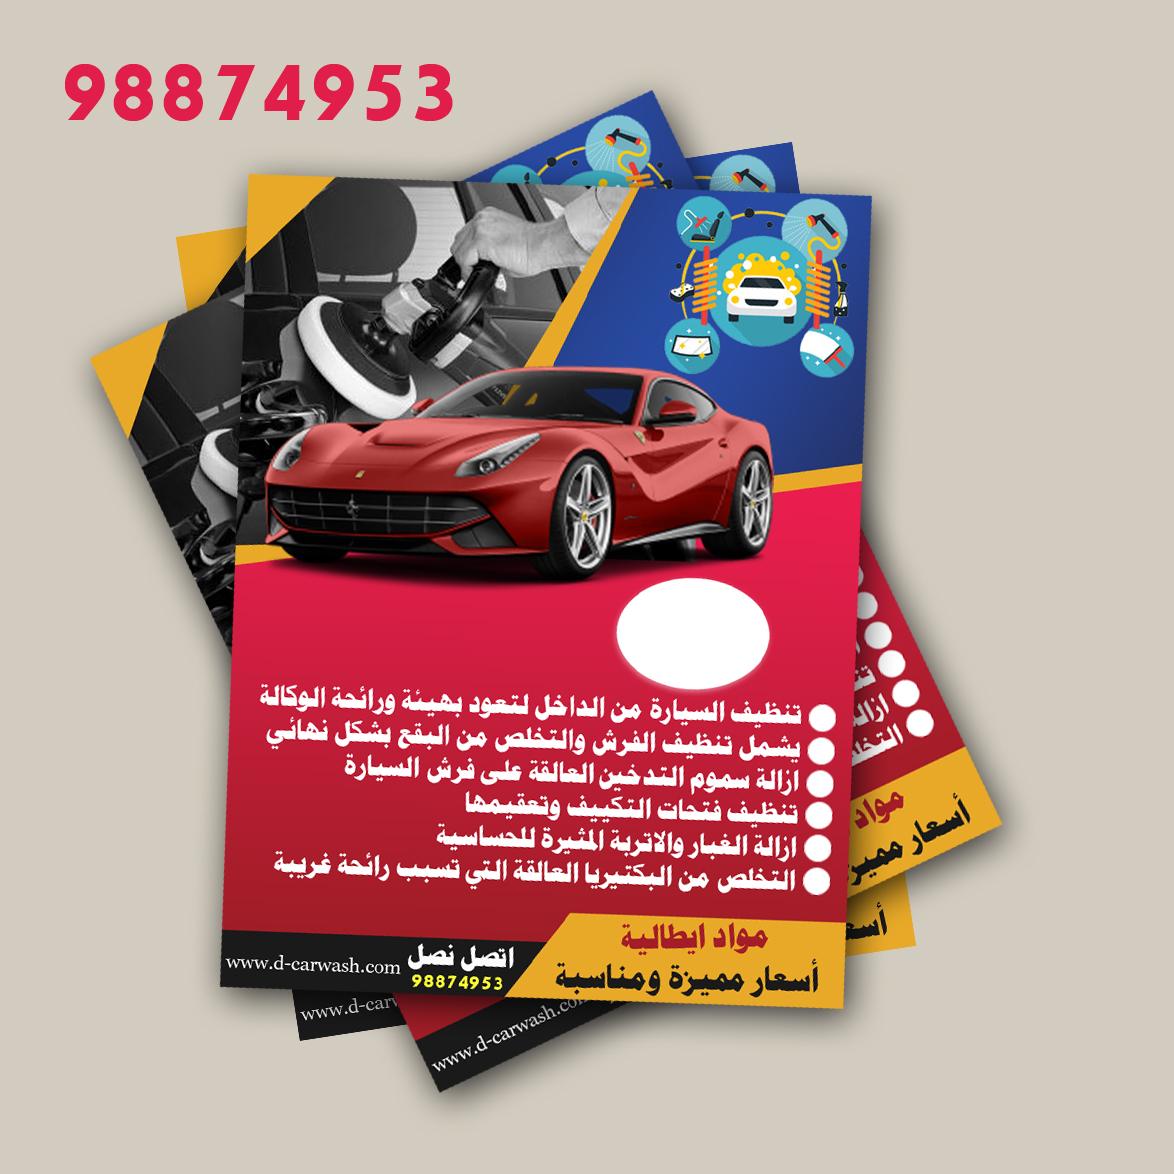 تنظيف غسيل سيارات بالمنزل الكويت تلميع بوليش سيارات غسيل السيارة